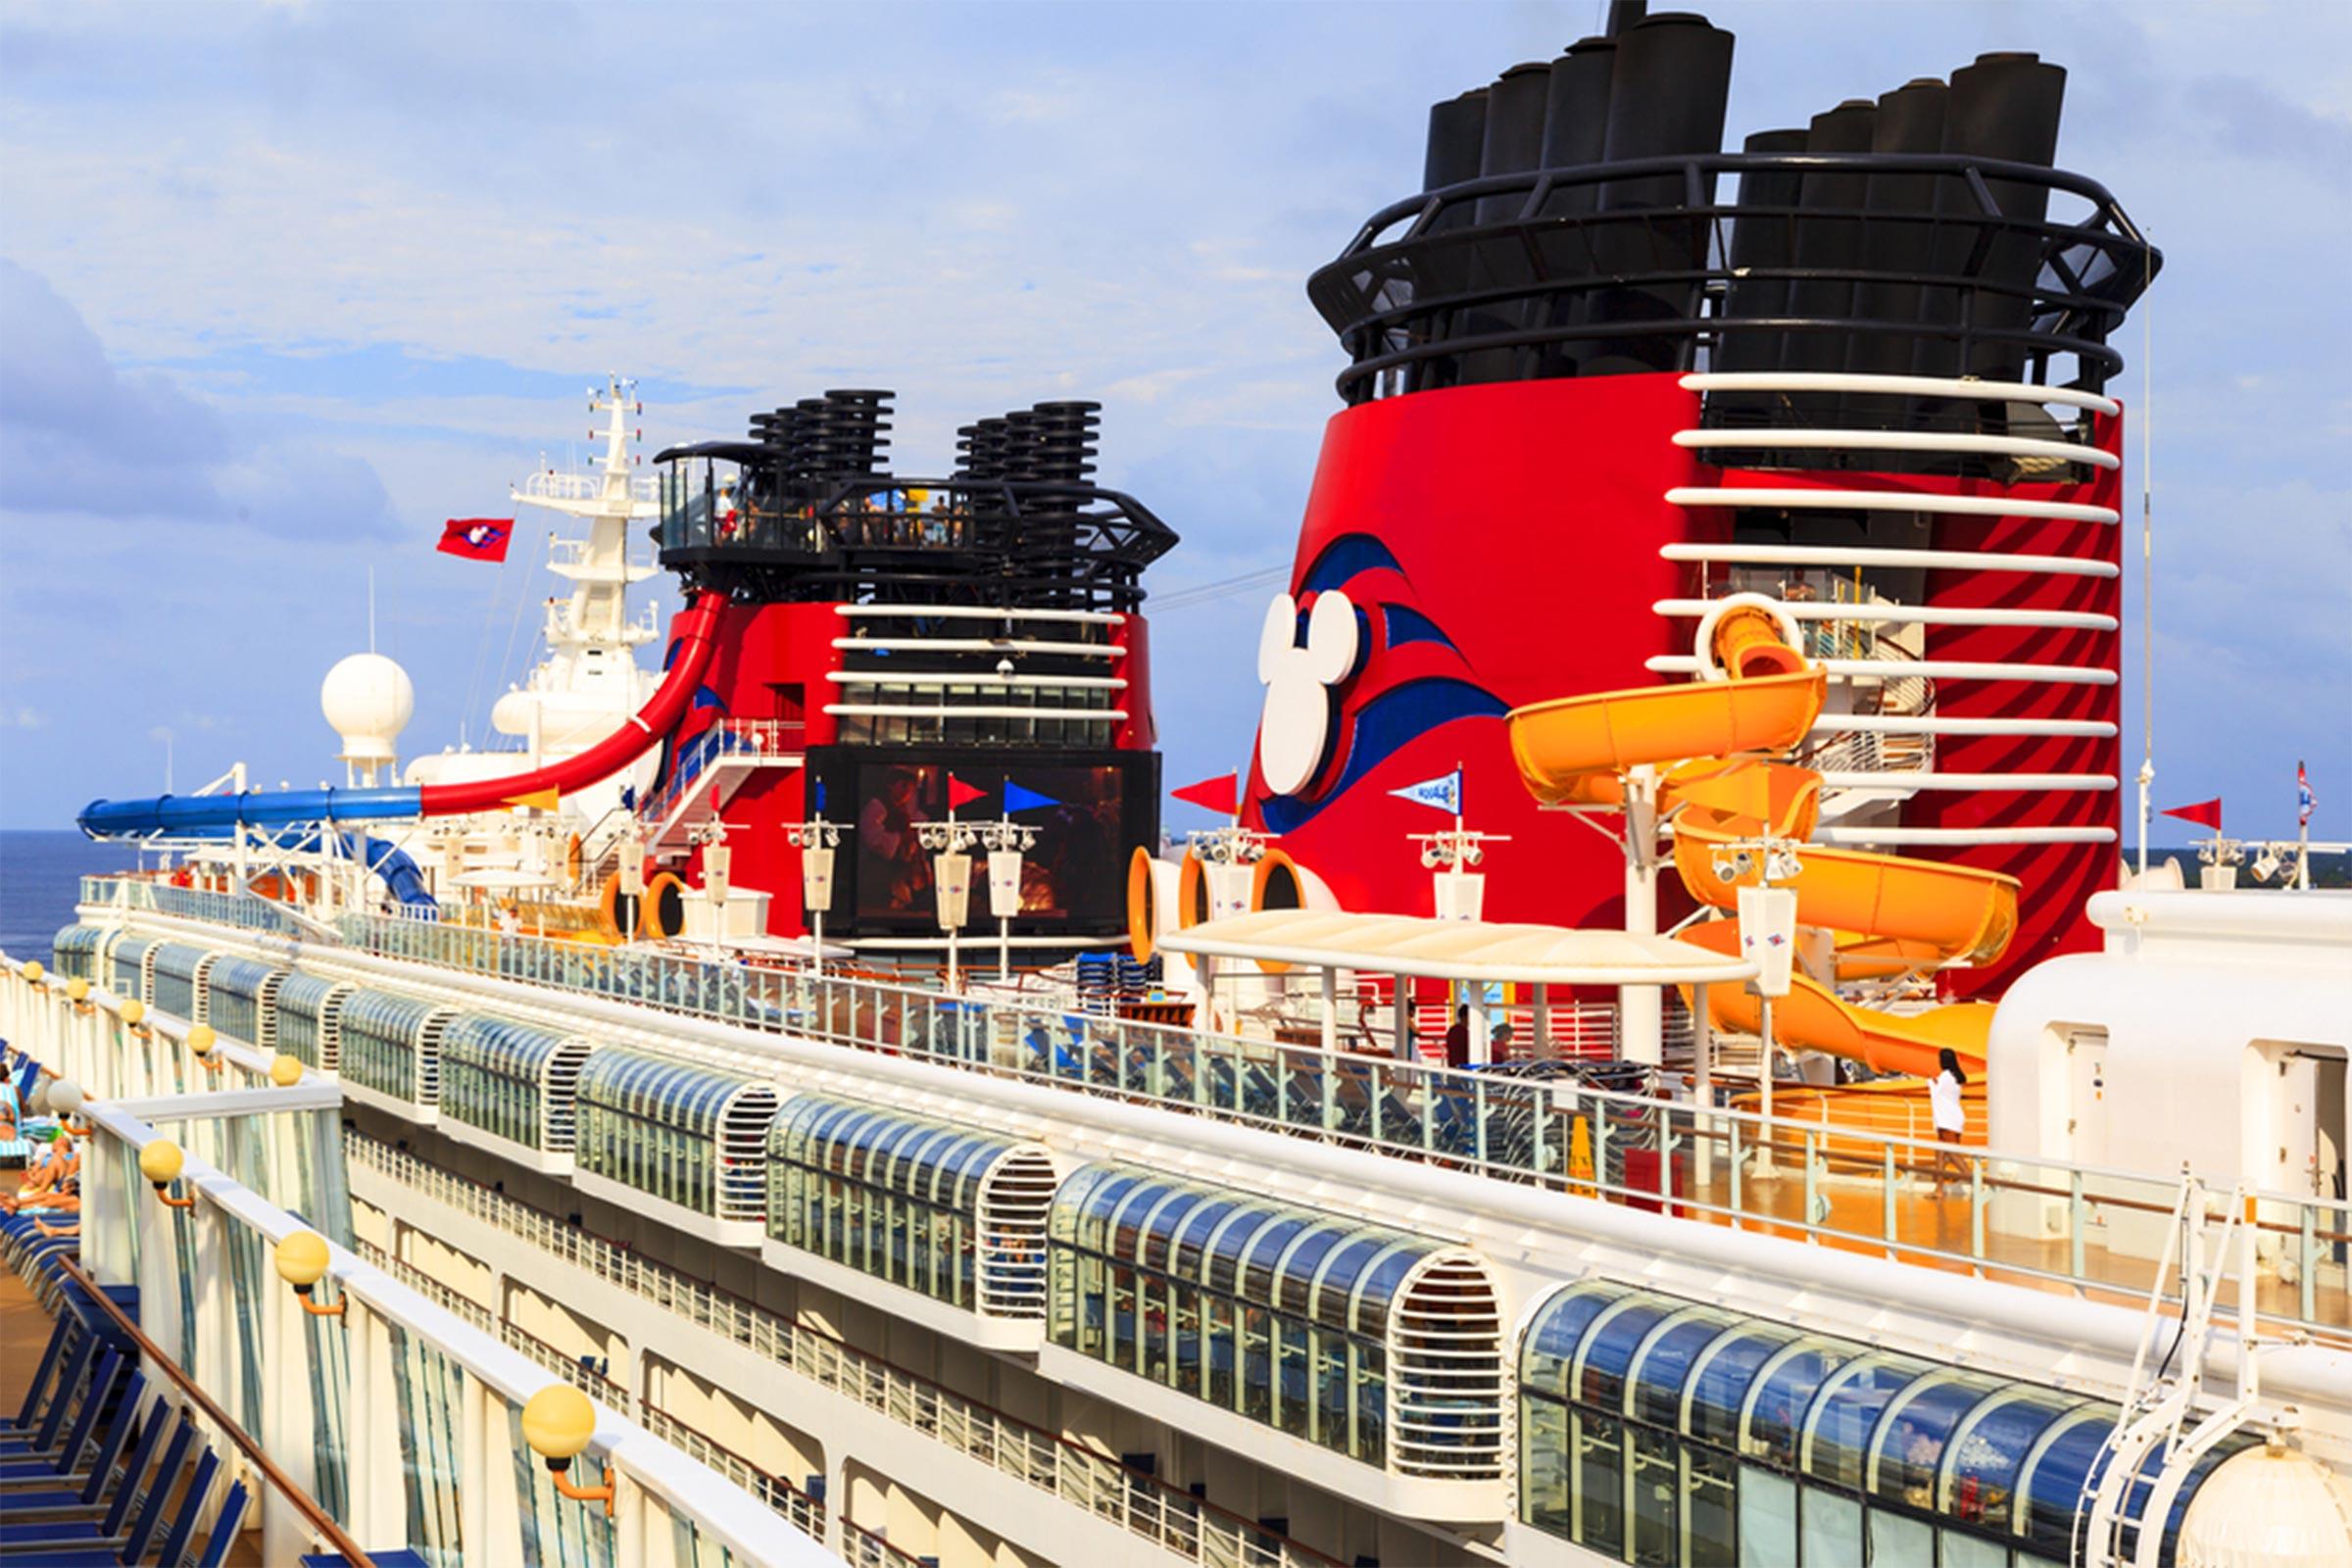 PARCHI ACQUATICI, SCIVOLI e piscine disney cruise line crociere nel cuore